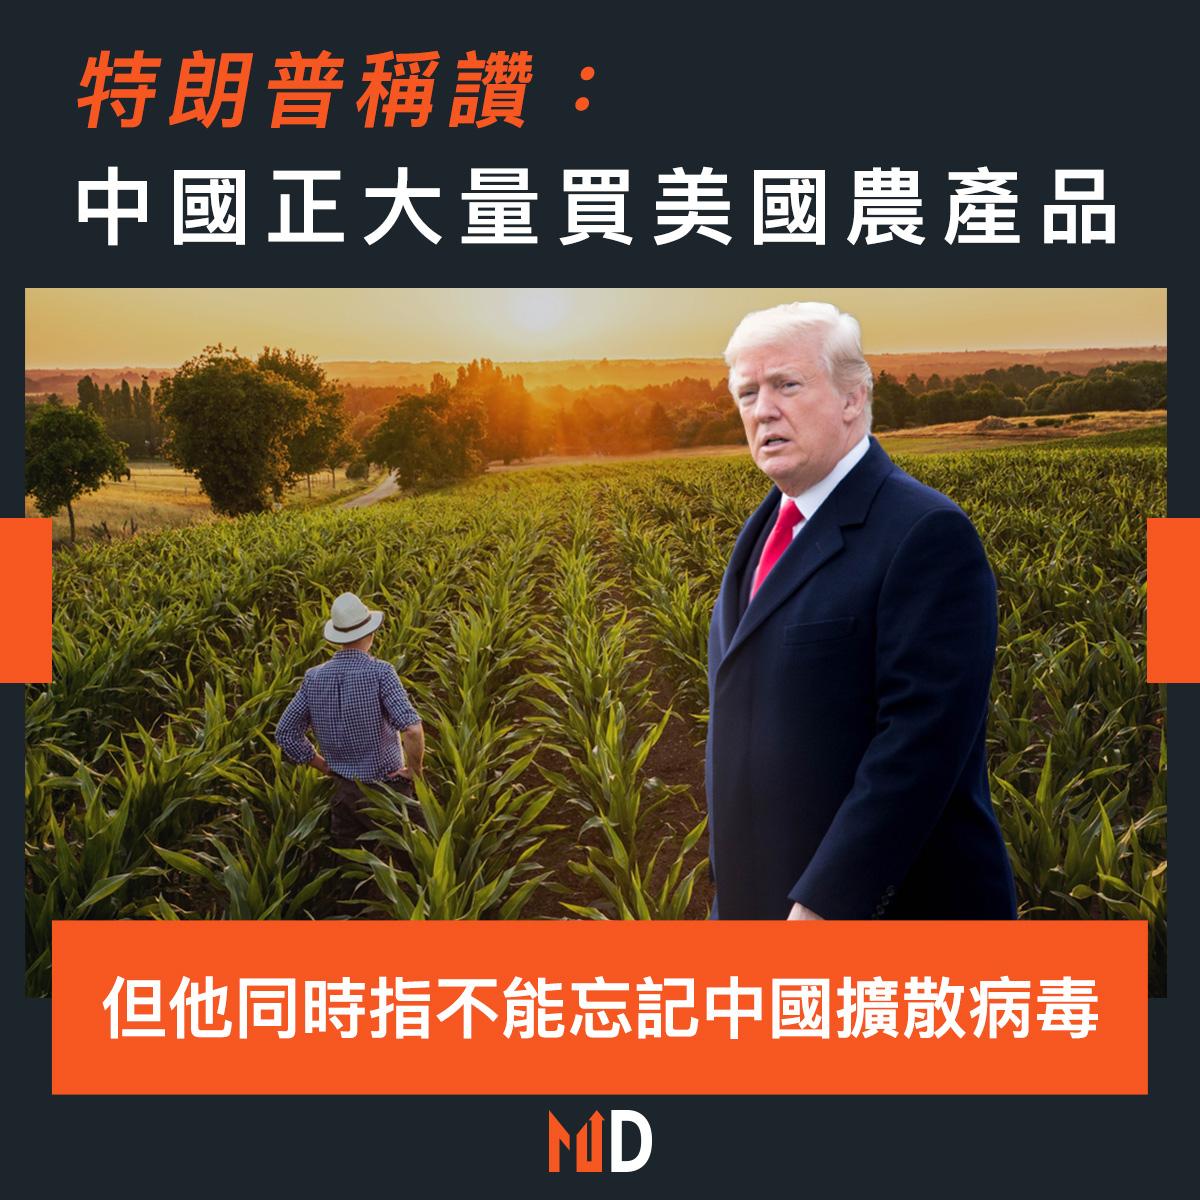 【市場熱話】特朗普稱讚:中國大量購買美國農產品